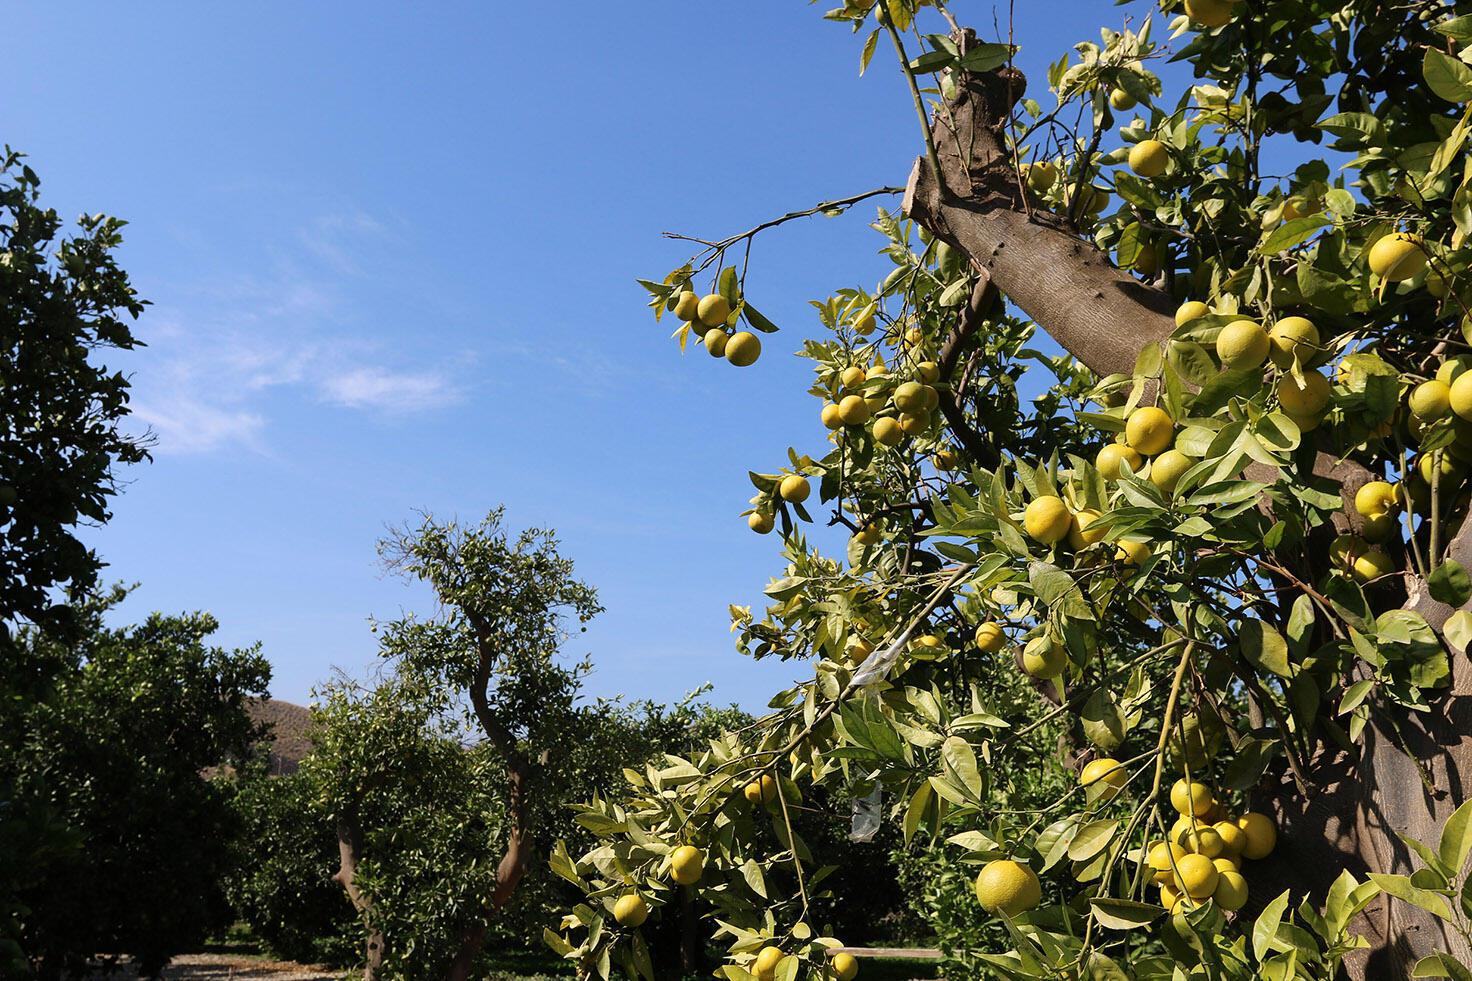 L'Organisation mondiale des agrumes (World Citrus Organisation), créée en septembre de l'an dernier, vient de tenir son premier congrès mondial au début du mois de novembre, le premier «Global Citrus Congress».